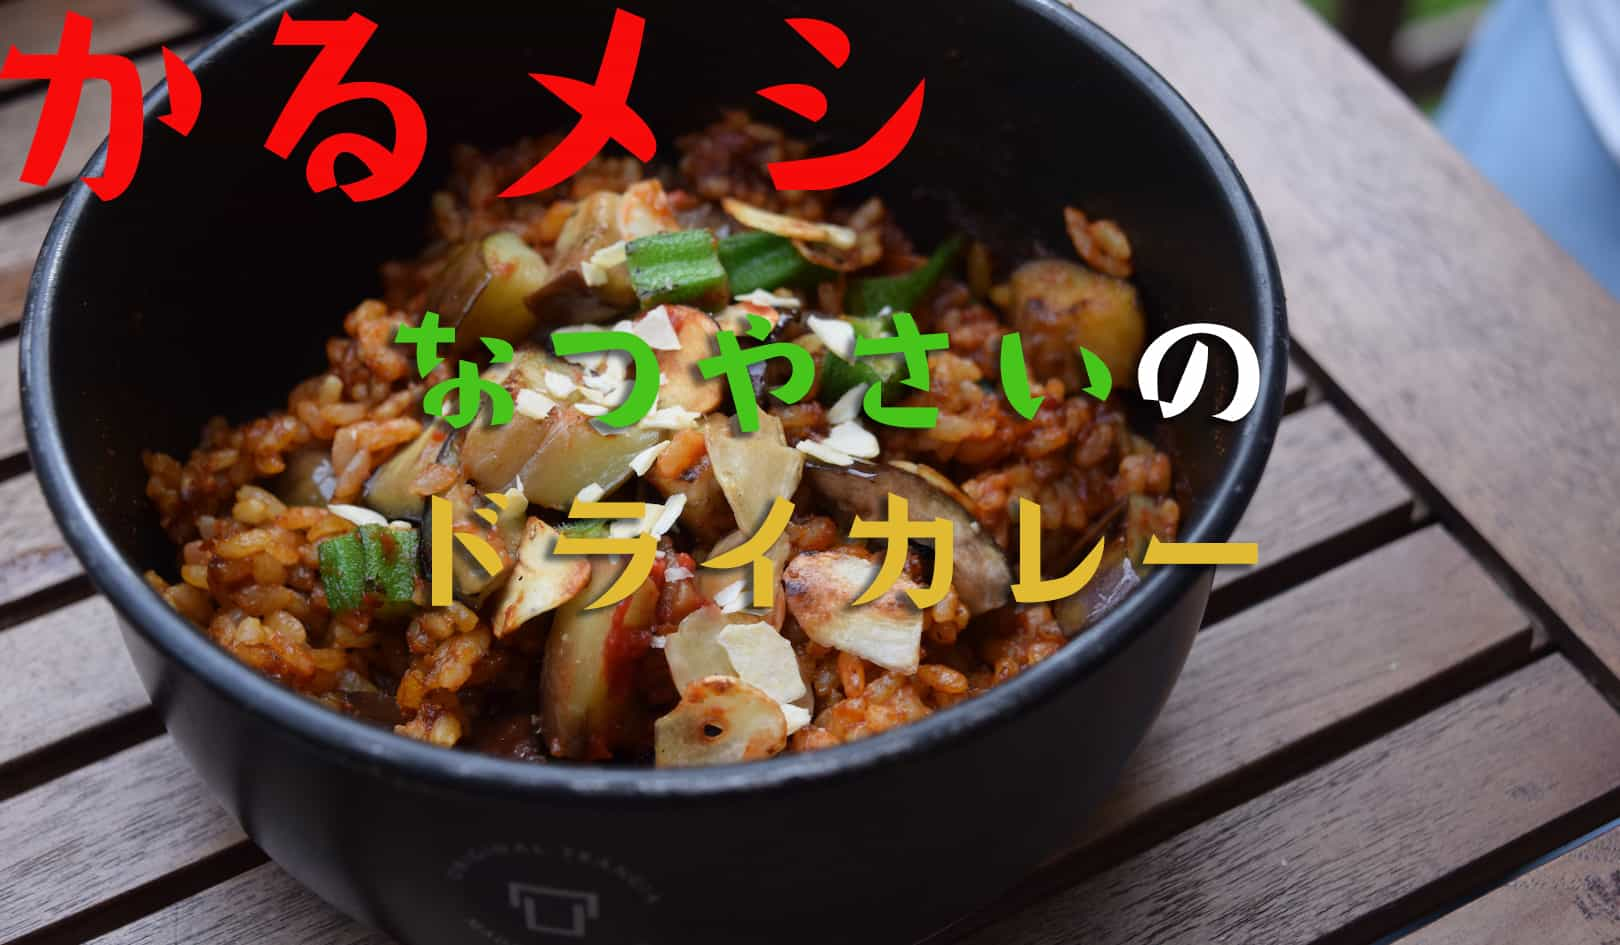 【かるメシ】夏野菜のドライカレーで夏のキャンプ飯は決まり!